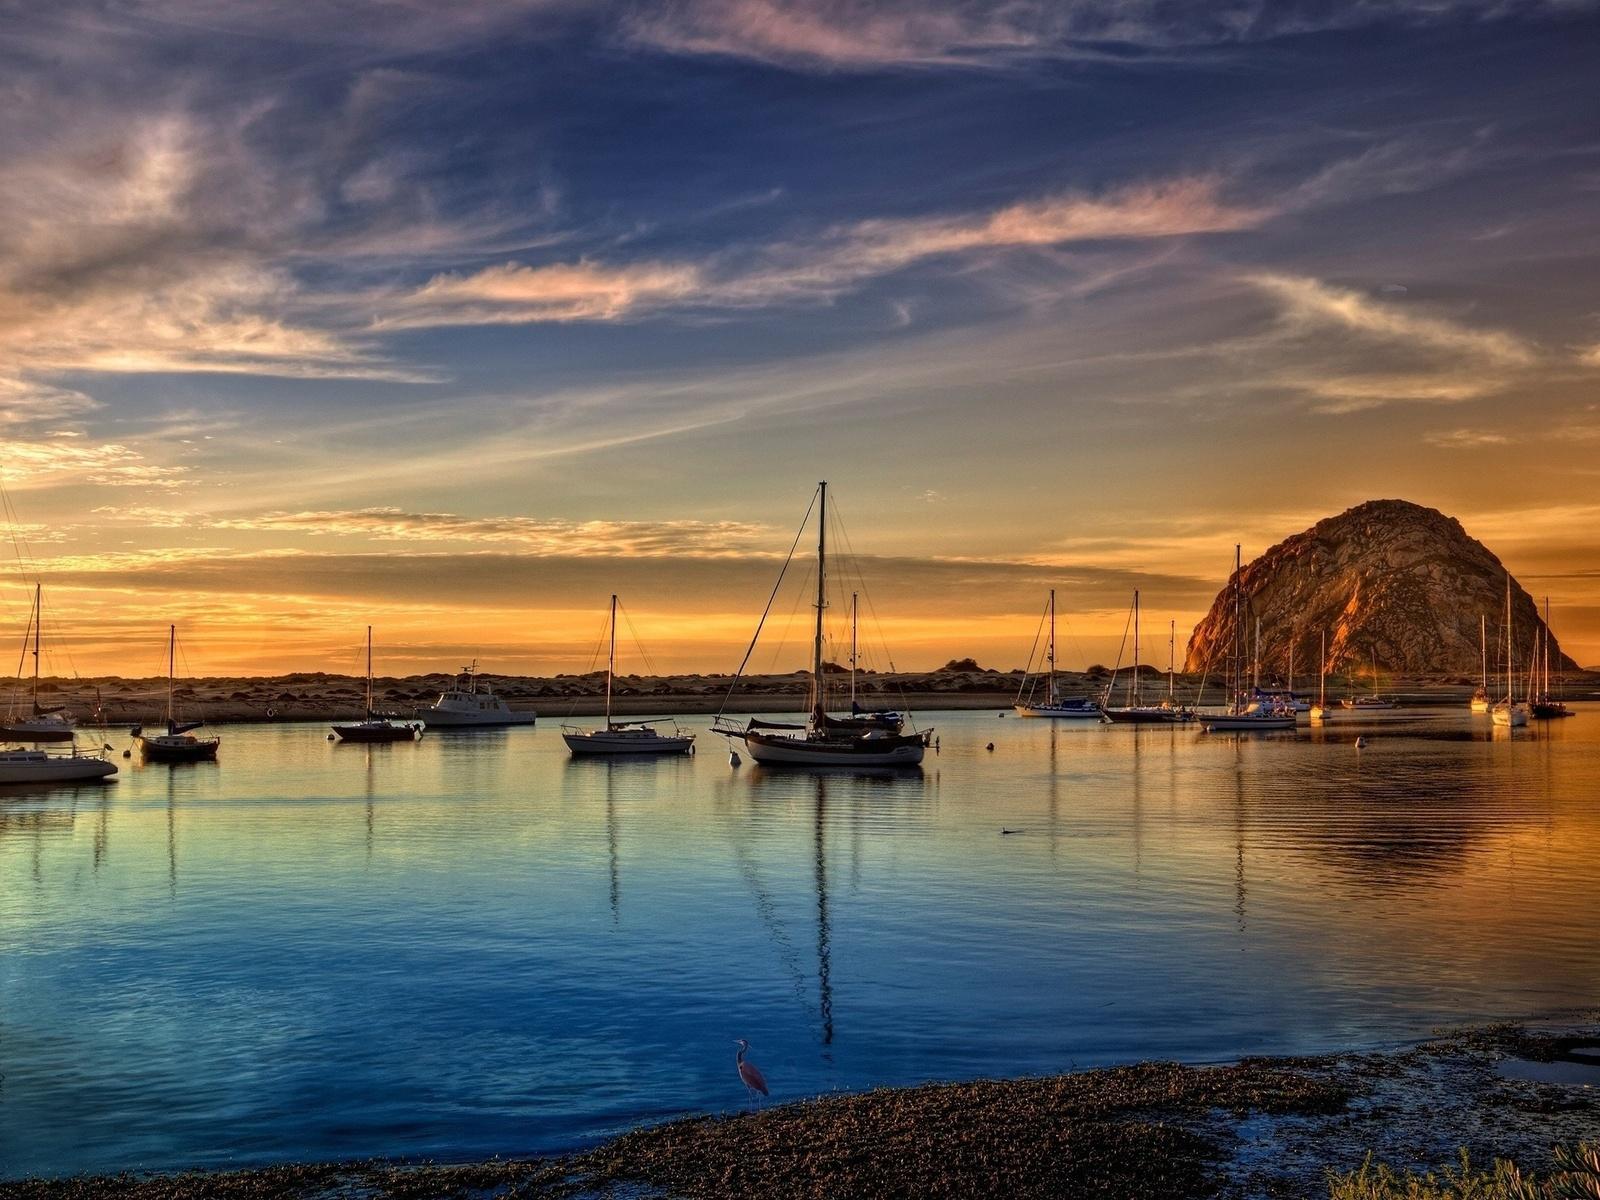 море, берег, лодки